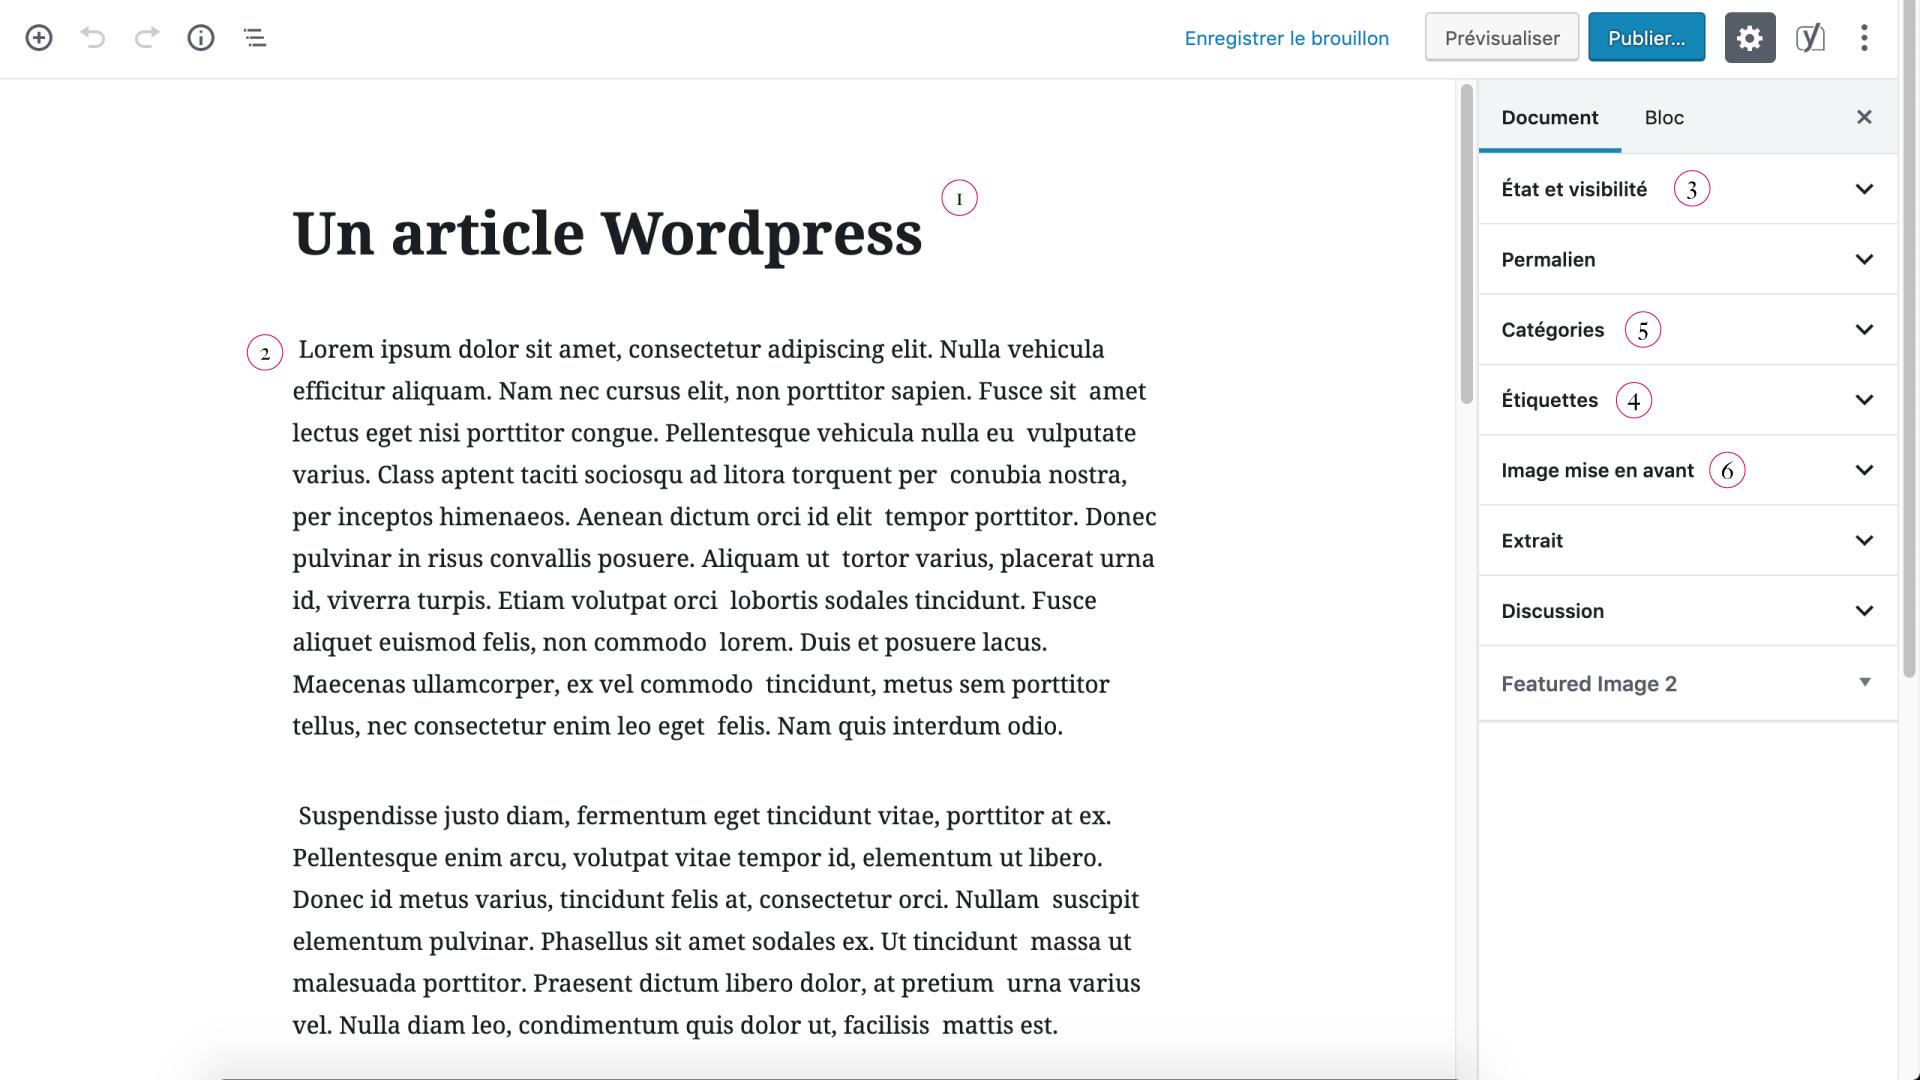 Les blocs de contenu des articles de WordPress